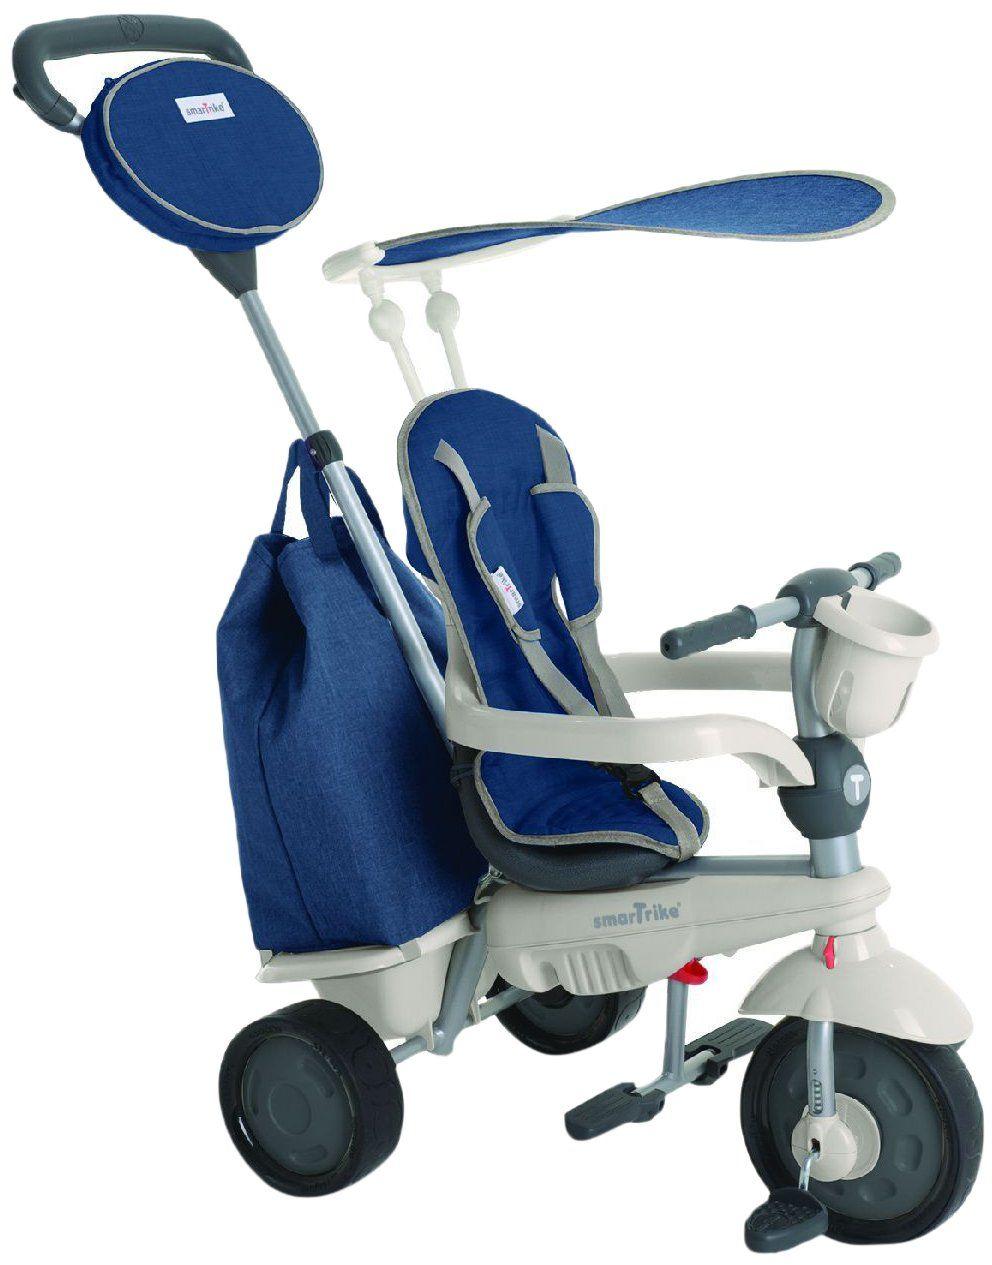 smarTrike 195-0700 - Voyage 4 w 1 rower trójkołowy dla dzieci od 10 miesięcy, niebieski